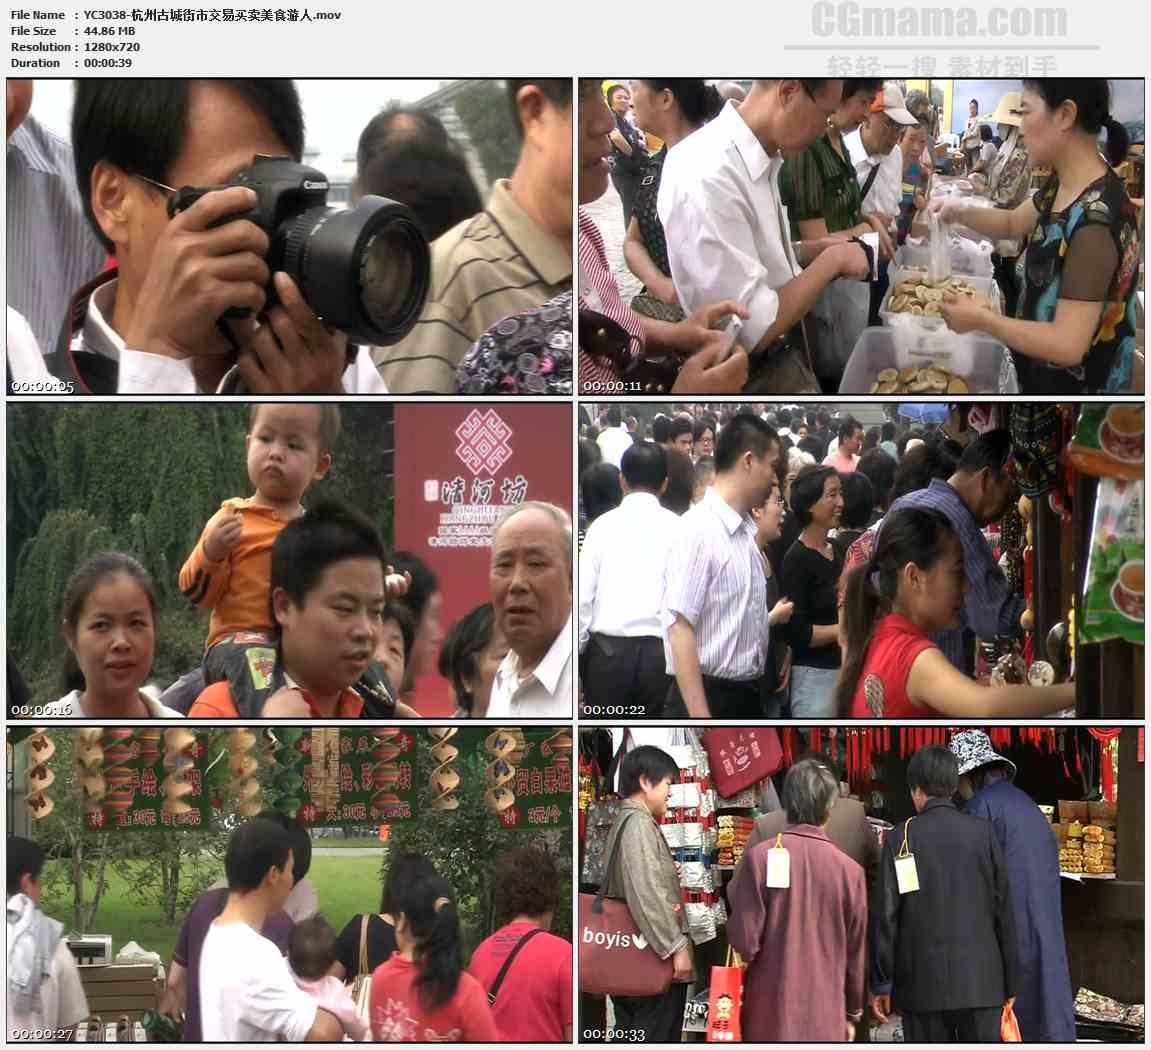 YC3038-杭州古城街市交易买卖美食游人高清实拍视频素材